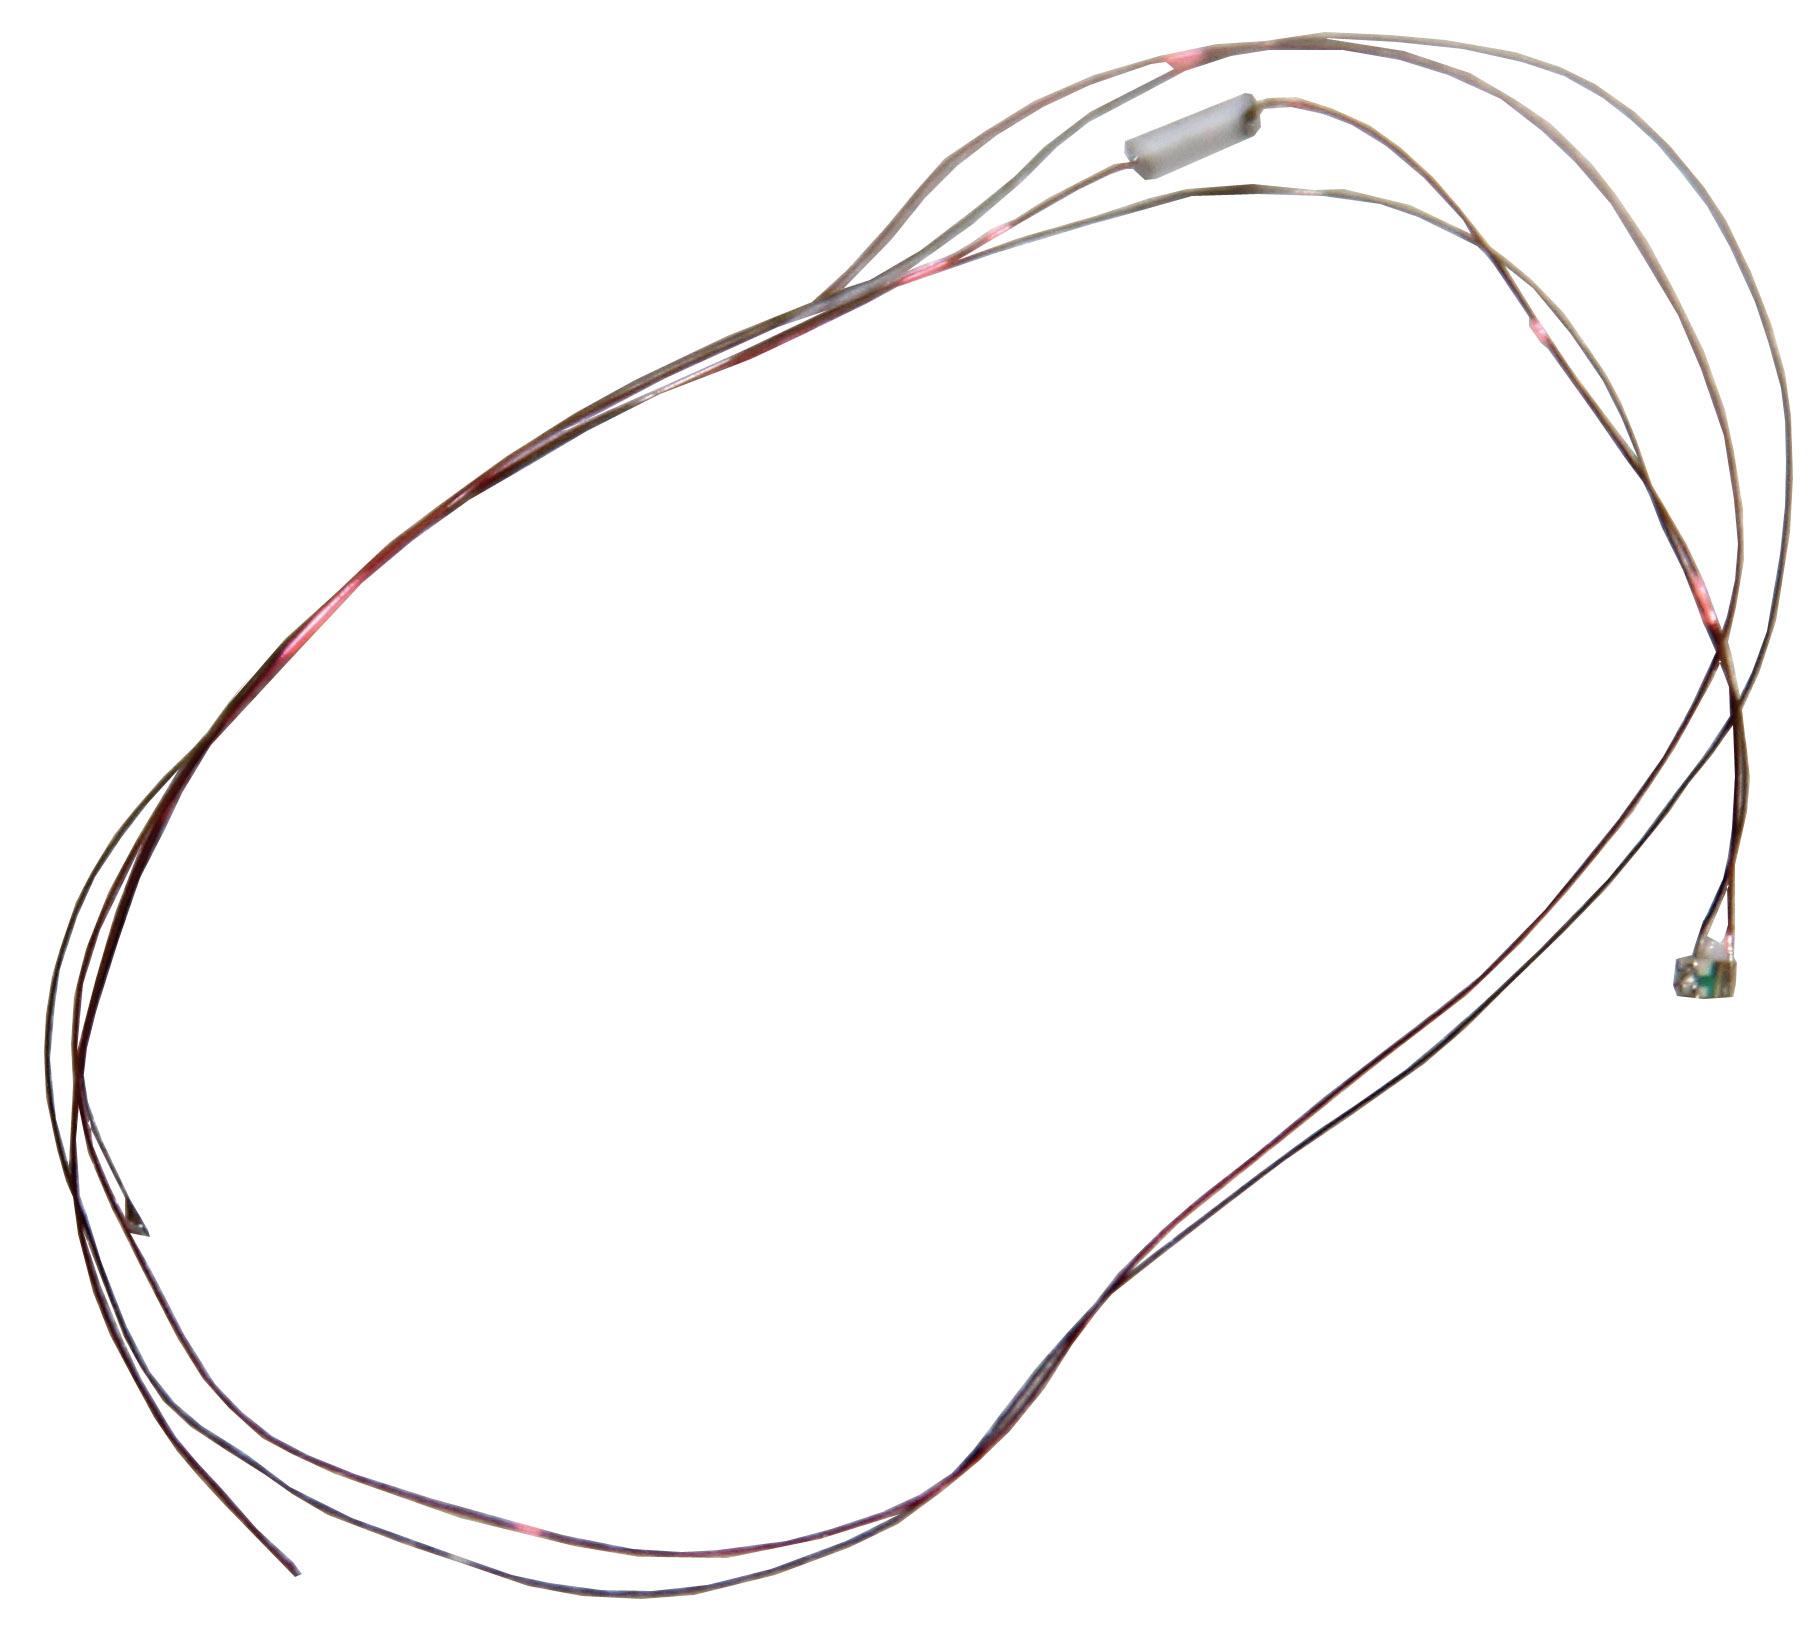 Leuchtdiode 0603, rot, mit Kabel, 3,7-4,8 V